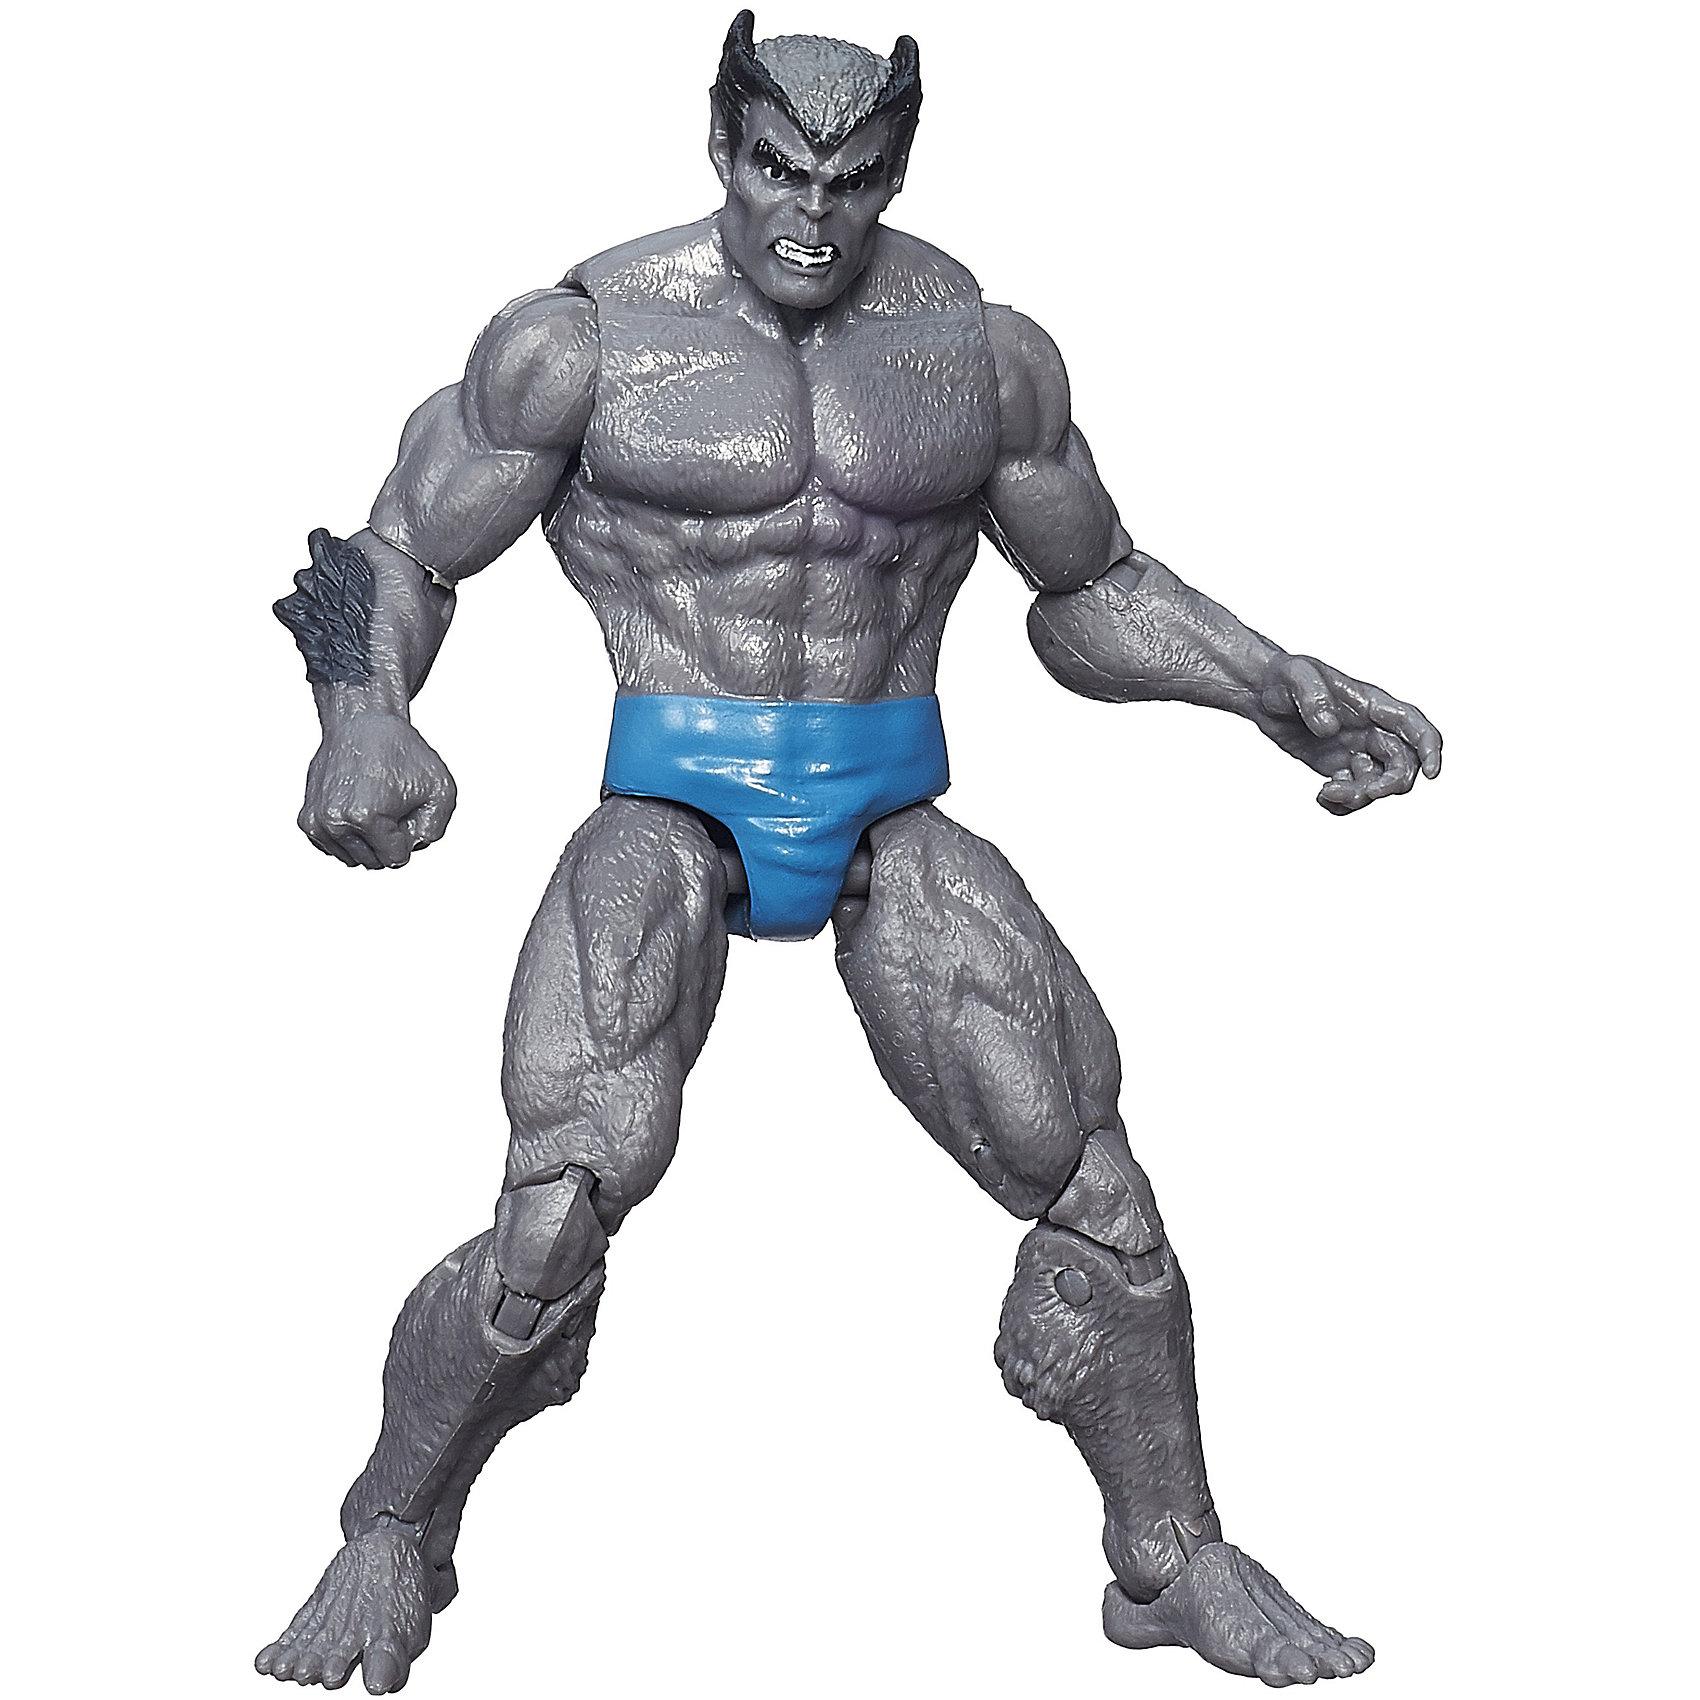 Коллекционная фигурка Marvel - Зверь, 9.5 смГерои комиксов<br>Характеристики коллекционной фигурки Марвел- Зверь:<br><br>- возраст: от 4 лет<br>- герой: супергерои<br>- пол: для мальчиков<br>- материал: пластик.<br>- размер упаковки: 12 * 4 * 23 см.<br>- размер игрушки: 9.5 см.<br>- упаковка: блистер на картоне.<br>- страна обладатель бренда: США.<br><br>Очень качественно сделанная коллекционная фигурка, изображающая давнего врага Человека-Паука по имени Вультур, станет как отличным пополнением коллекции героев комиксов Марвел, так и детской игрушкой. Вультур изобрел себе костюм, позволяющий ему летать, что делает его серьезным противником. Фигурка сделана из качественного пластика, все суставы подвижны. <br><br>Коллекционную фигурку Марвел- Зверь можно купить в нашем интернет-магазине.<br><br>Ширина мм: 51<br>Глубина мм: 121<br>Высота мм: 229<br>Вес г: 150<br>Возраст от месяцев: 48<br>Возраст до месяцев: 144<br>Пол: Мужской<br>Возраст: Детский<br>SKU: 4175037